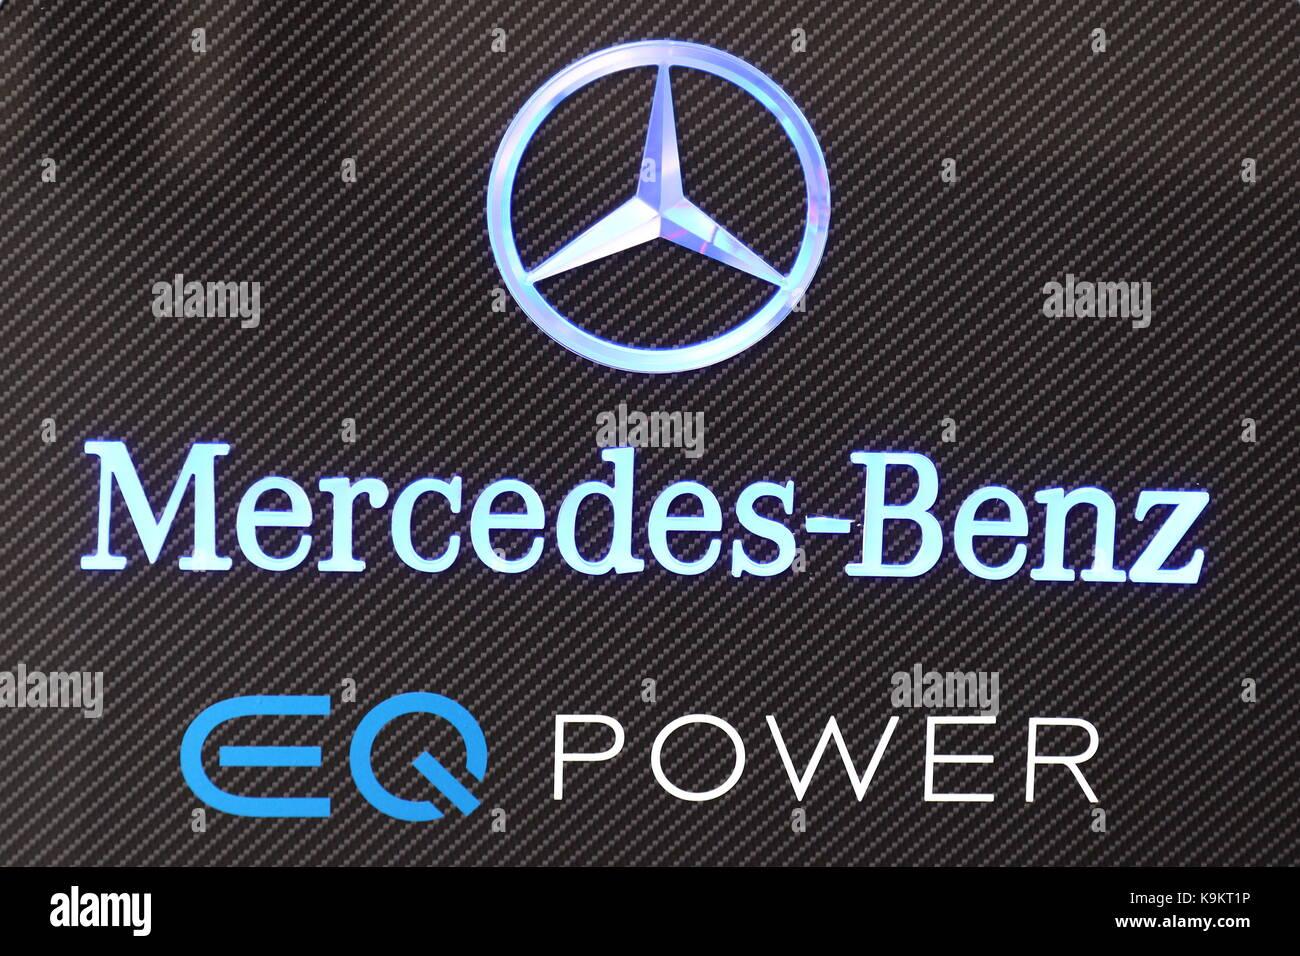 Mercedes-Benz promosso auto ibride sotto il logo e il marchio eq power al salone di Francoforte 2017 in Germania Immagini Stock